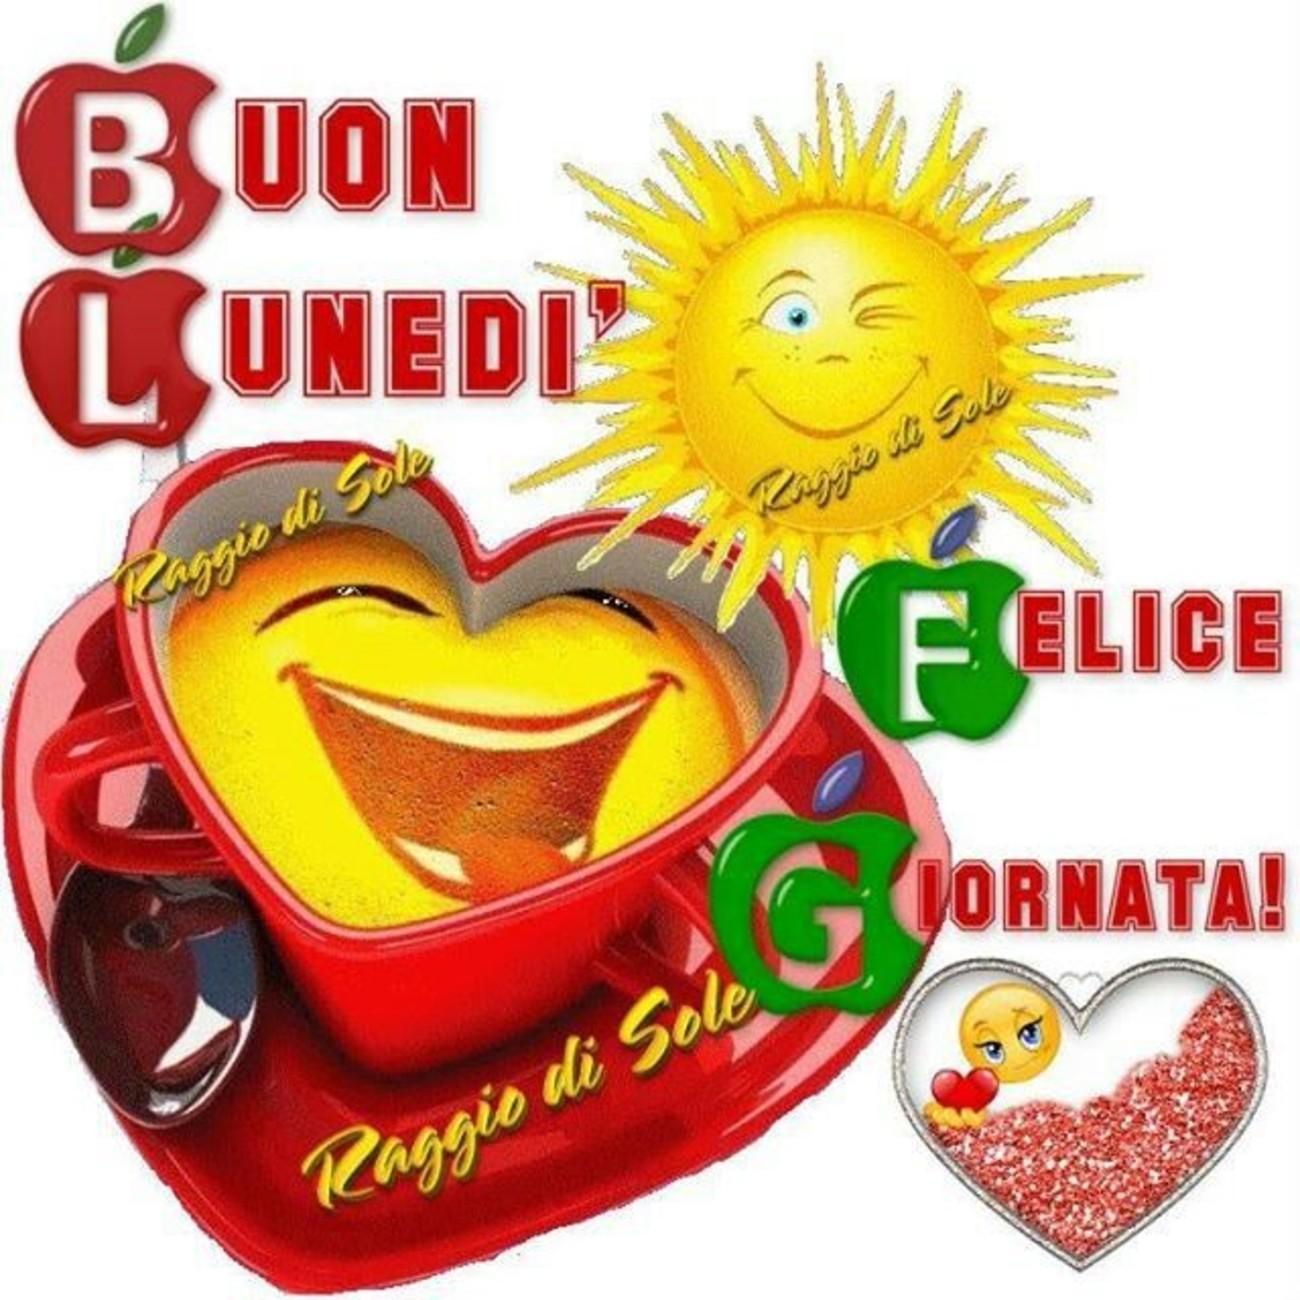 Buon Lunedì Felice Giornata 180 Buongiorno Immagini It